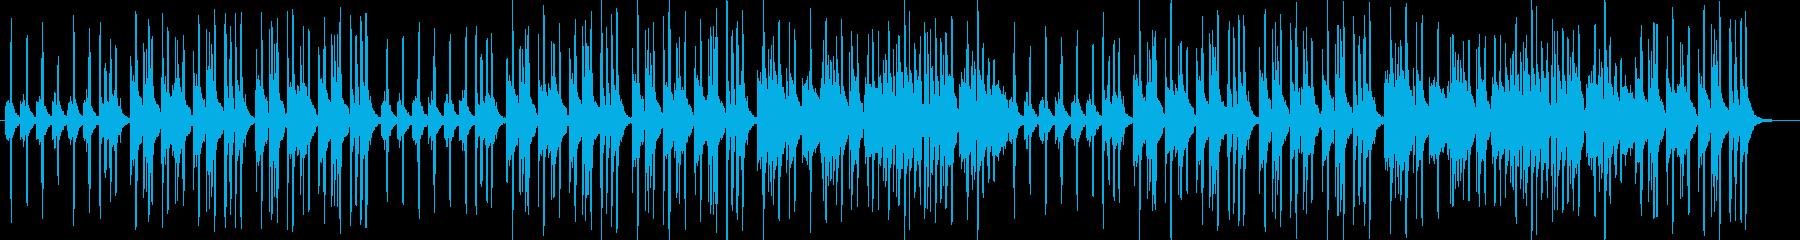 優しい音色ピアノ・オルガンサウンドの再生済みの波形